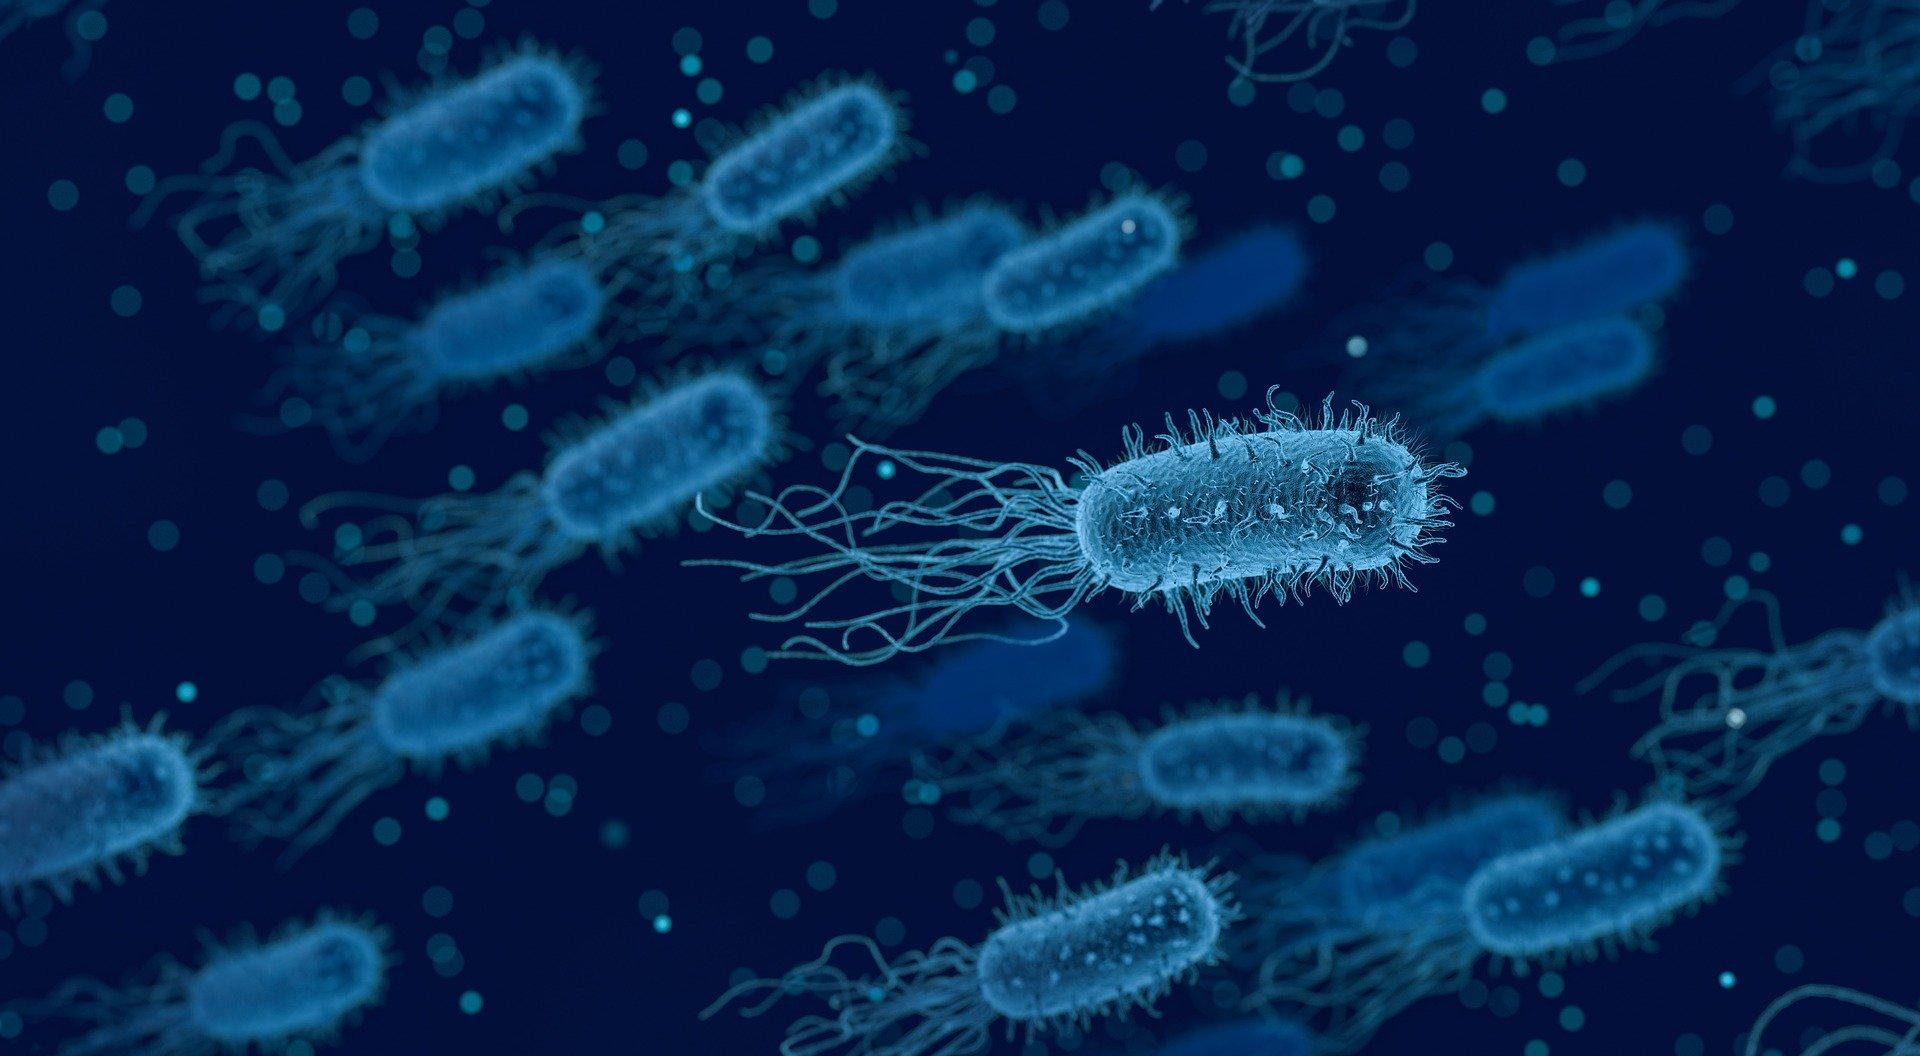 bakterie